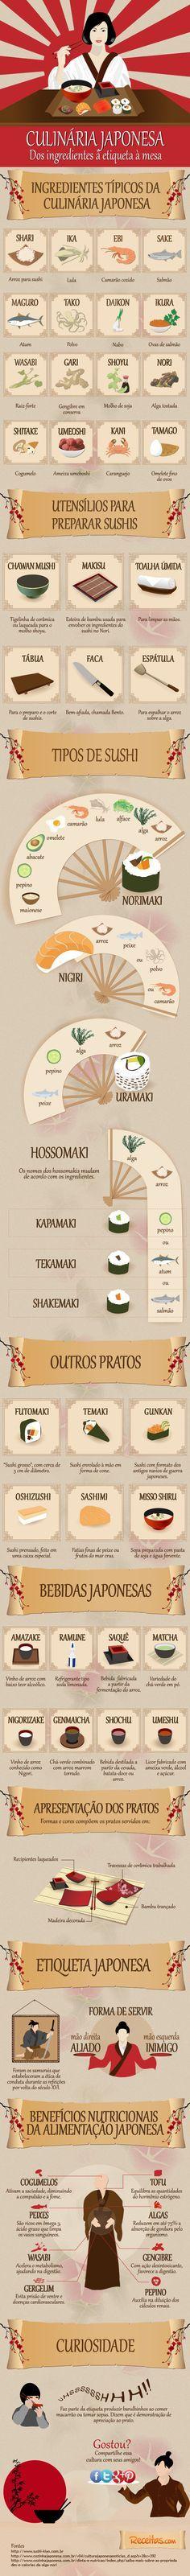 Saiba tudo sobre a culinária japonesa nesse infográfico completo! Incrível não é? Aproveite e veja onde comprar os melhores ingredientes, pagando pelo menor preço, com o Guiato: http://www.guiato.com.br/Sao-Paulo/Supermercados/p-c5 #infografico #comidajaponesa #culinaria